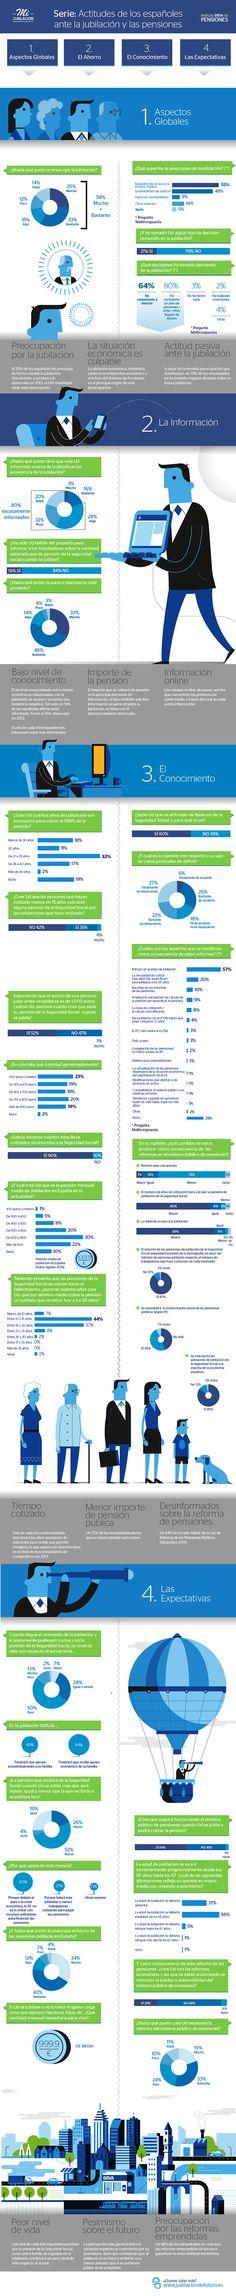 encuesta-2-actitudes-de-los-espanoles-ante-la-jubilacion-y-las-pensiones.png